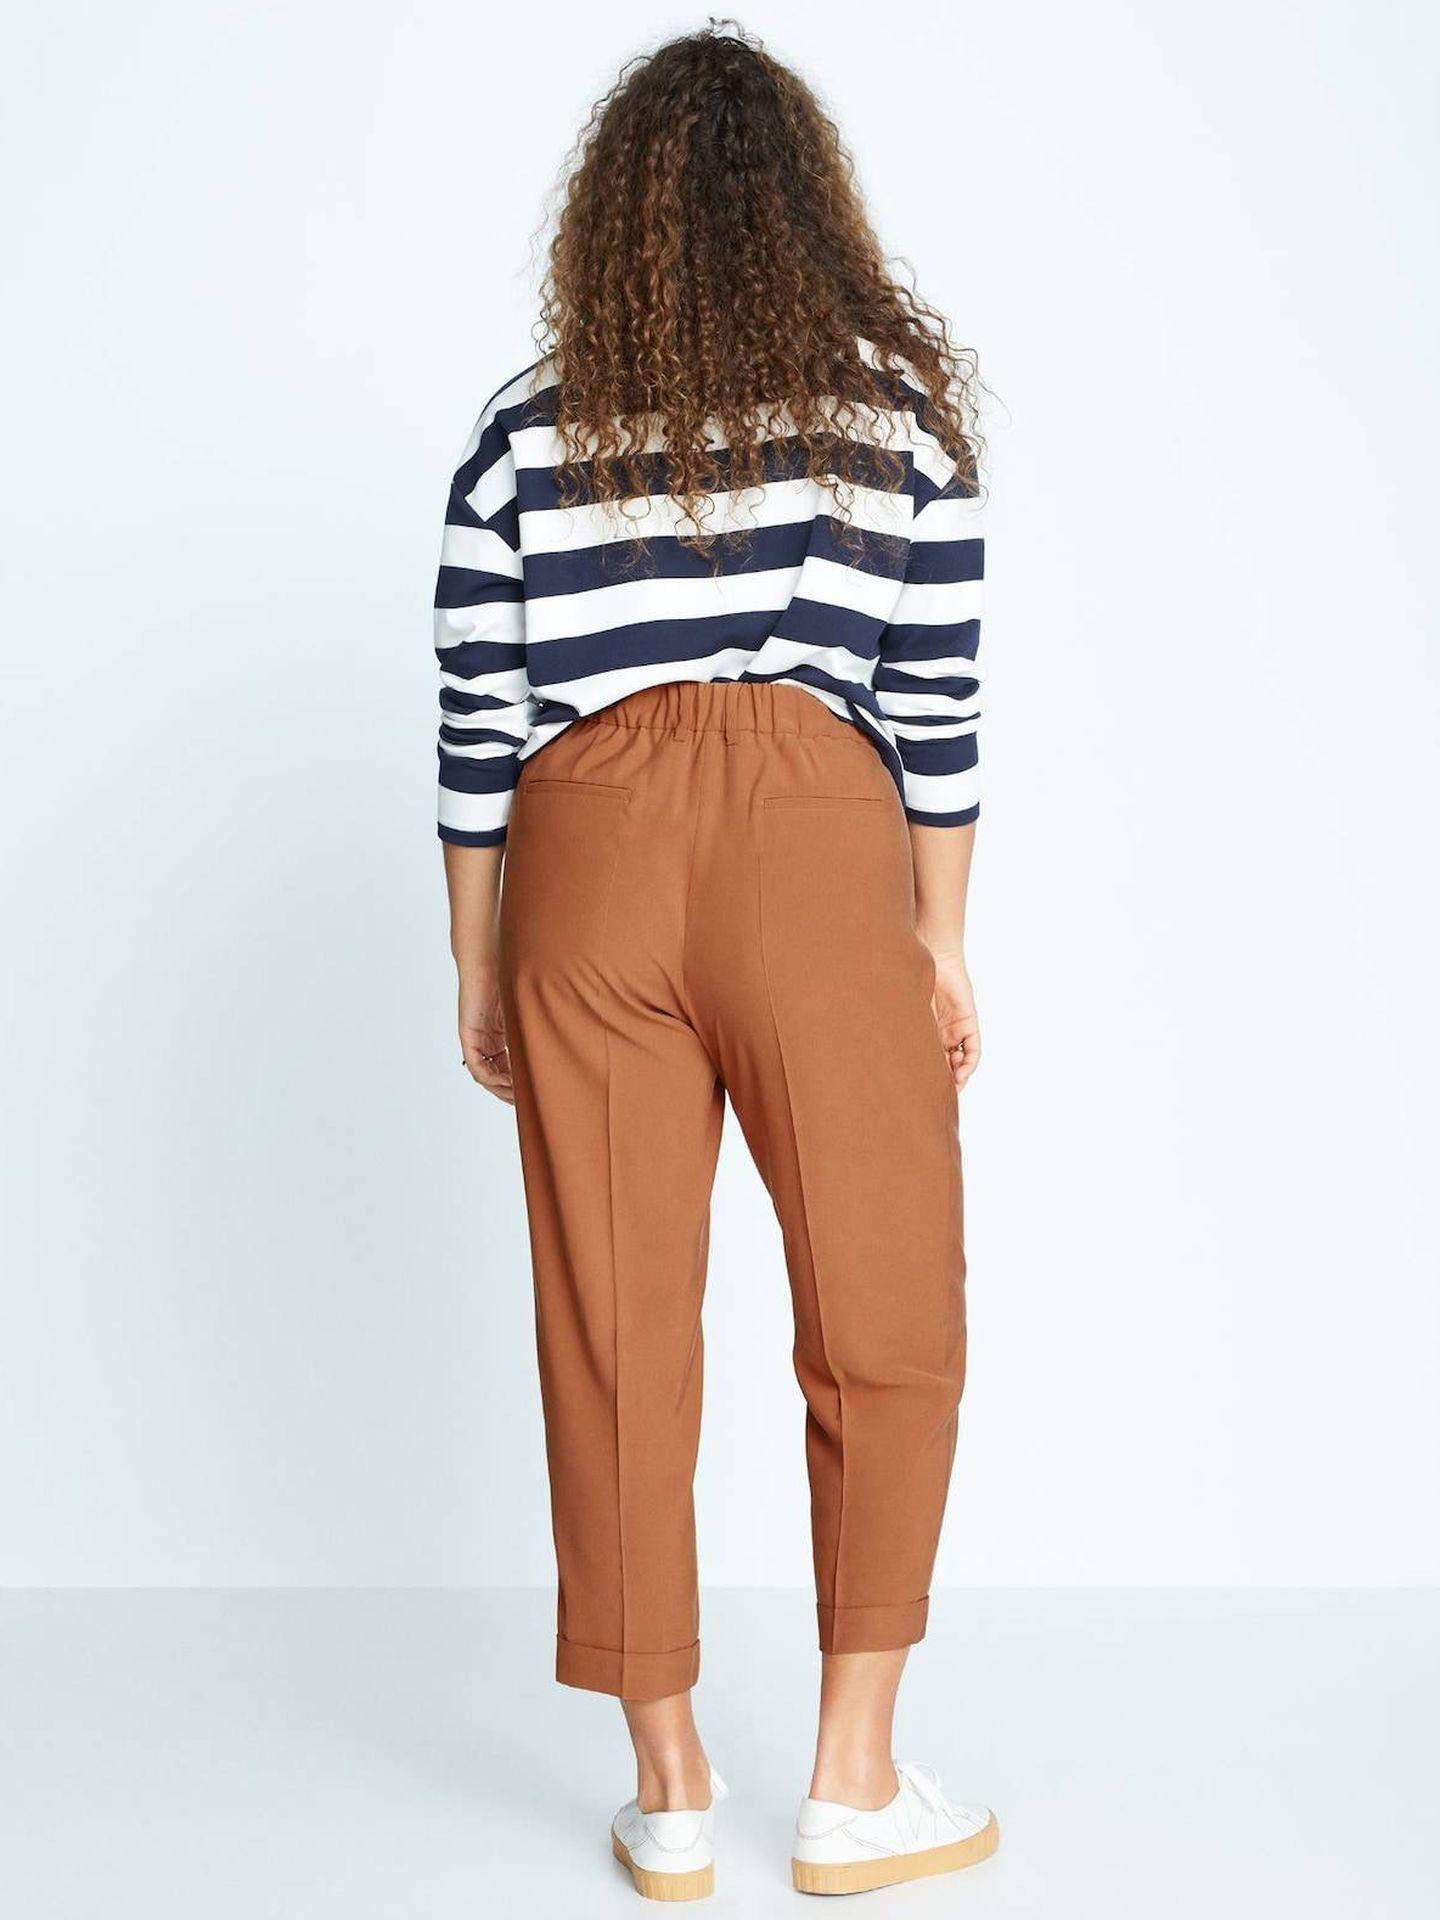 Pantalón de Mango Outlet. (Cortesía)